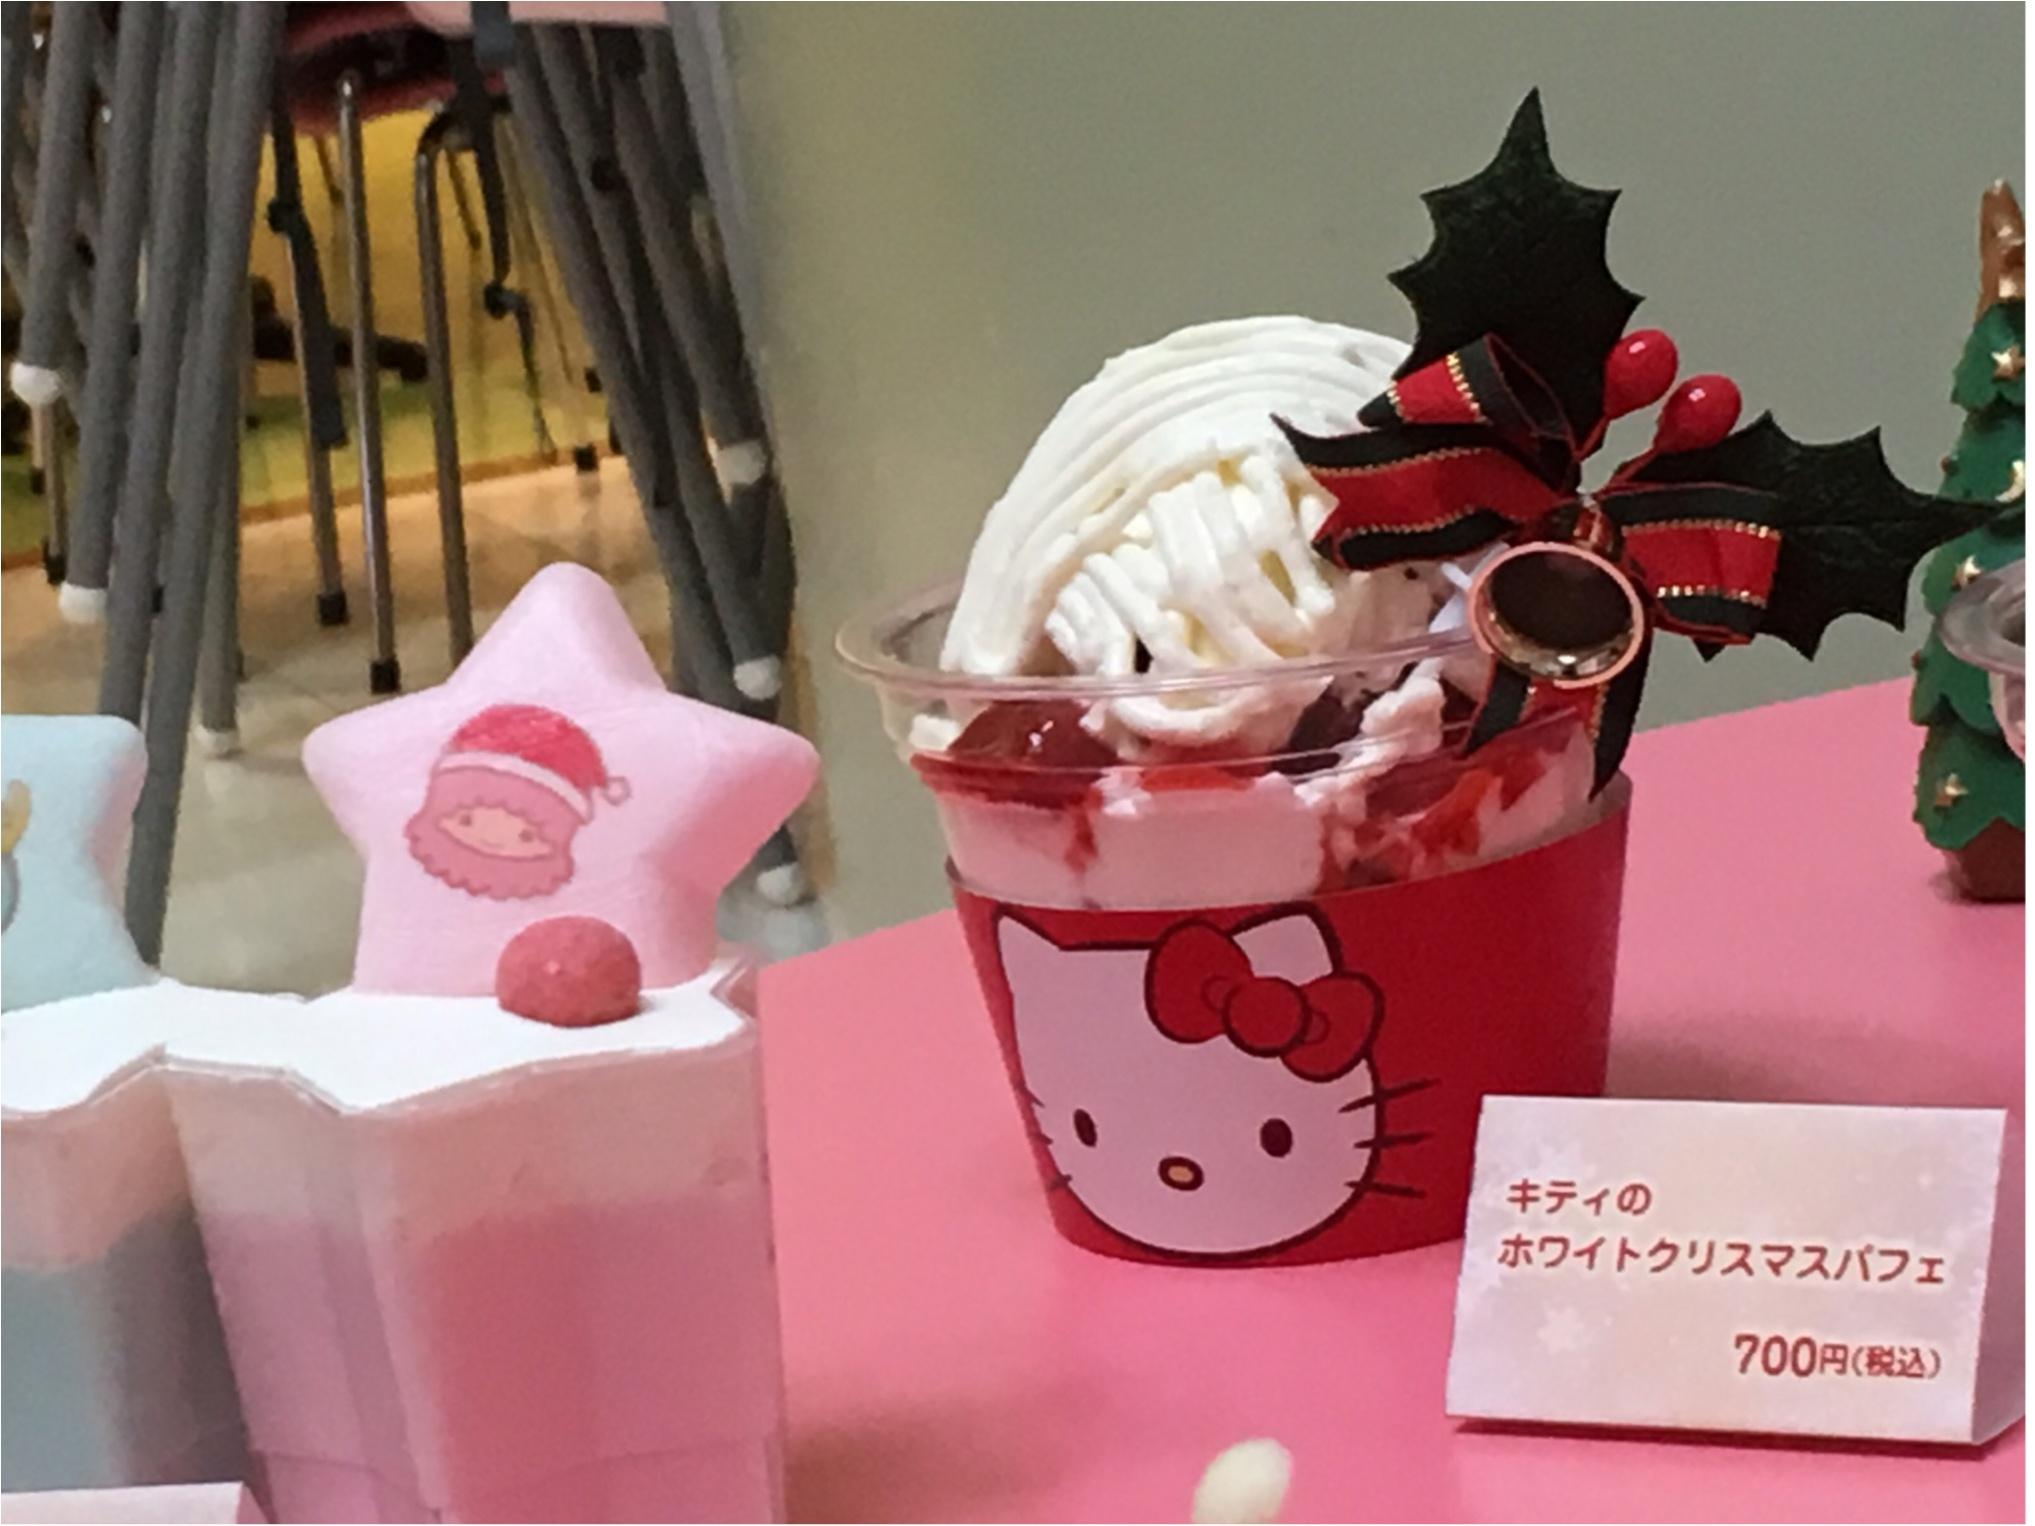 『ピューロクリスマス』-高橋愛ちゃんやトレンディエンジェルも食べた!インスタ映え◎なピューロランドのフードメニュー-_4